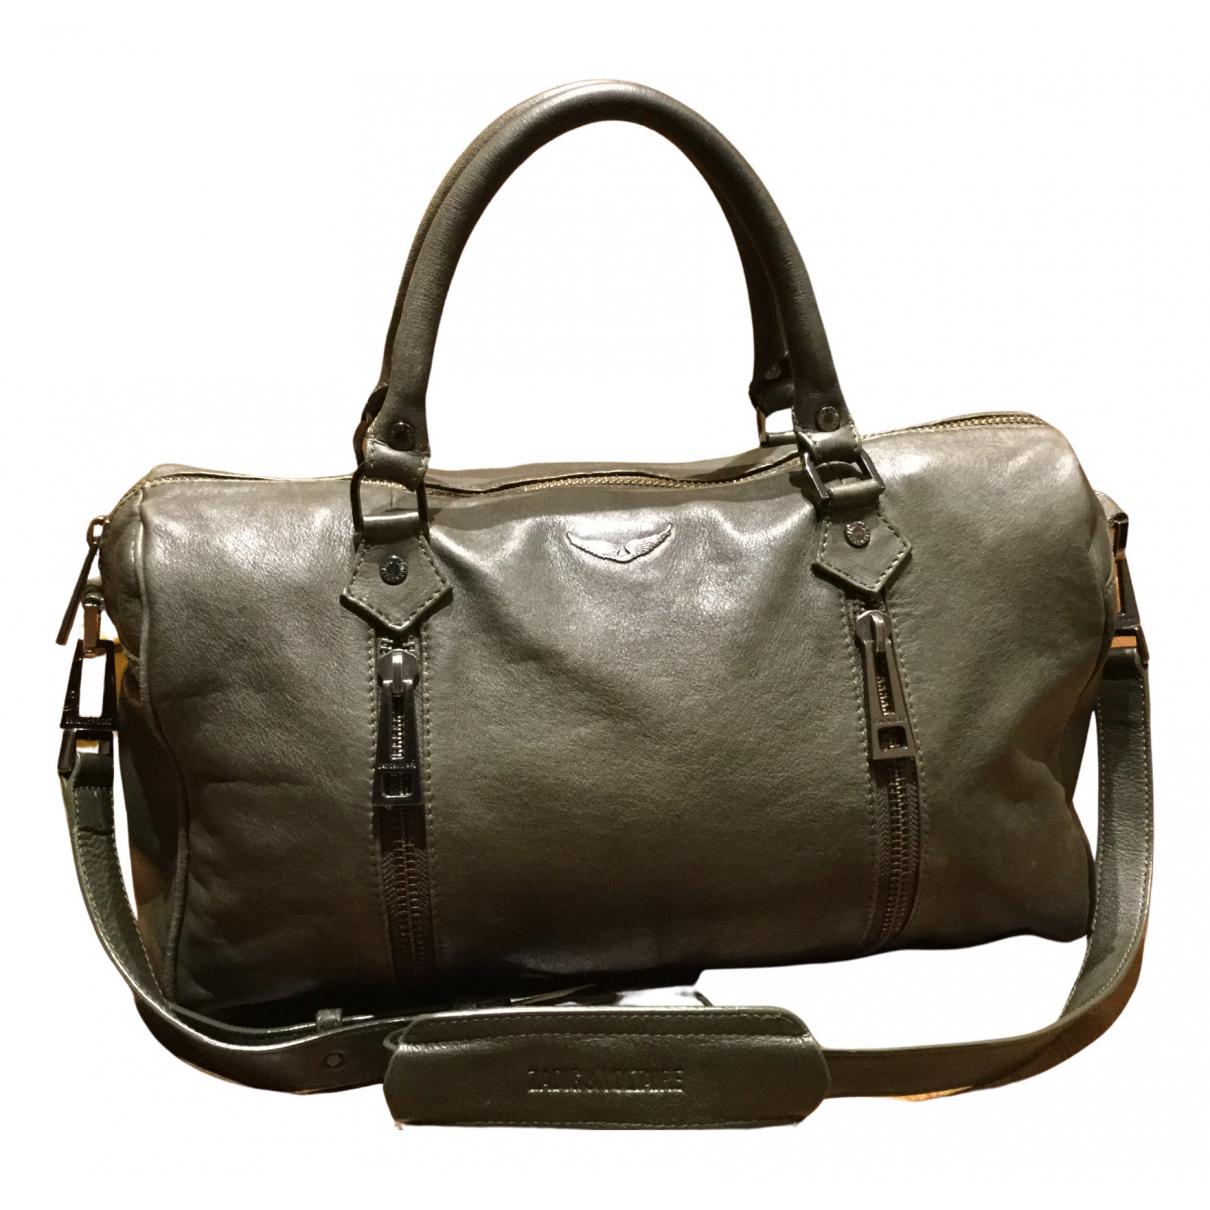 Zadig & Voltaire Sunny Handtasche in  Khaki Leder